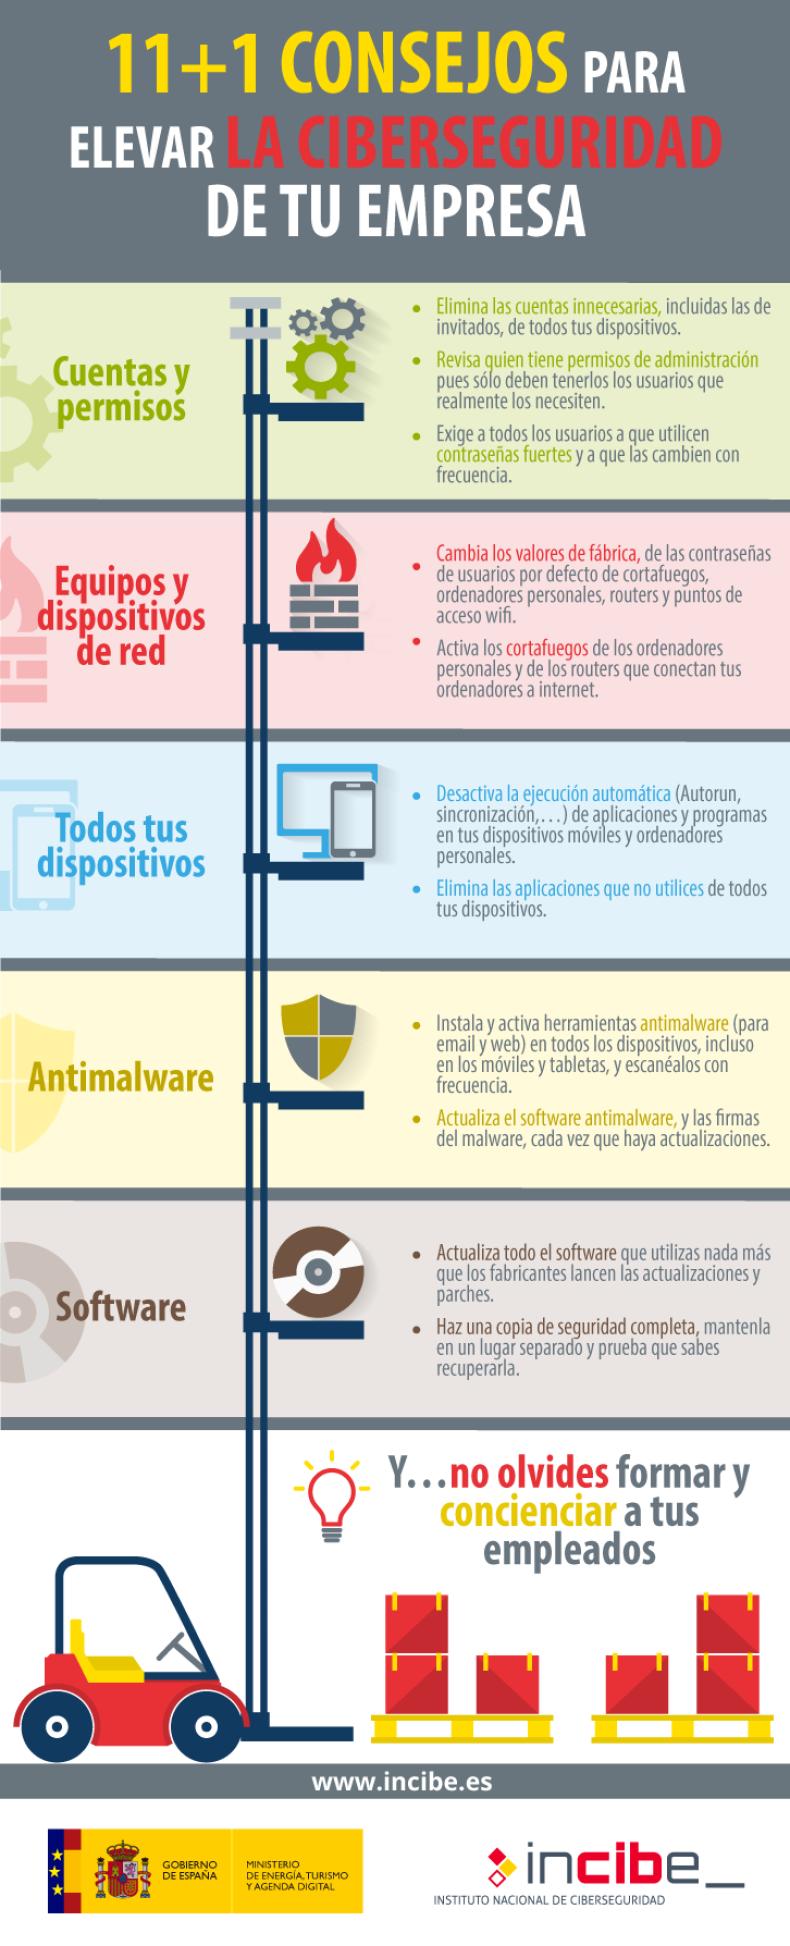 11+1 consejos para elevar la ciberseguridad de tu empresa